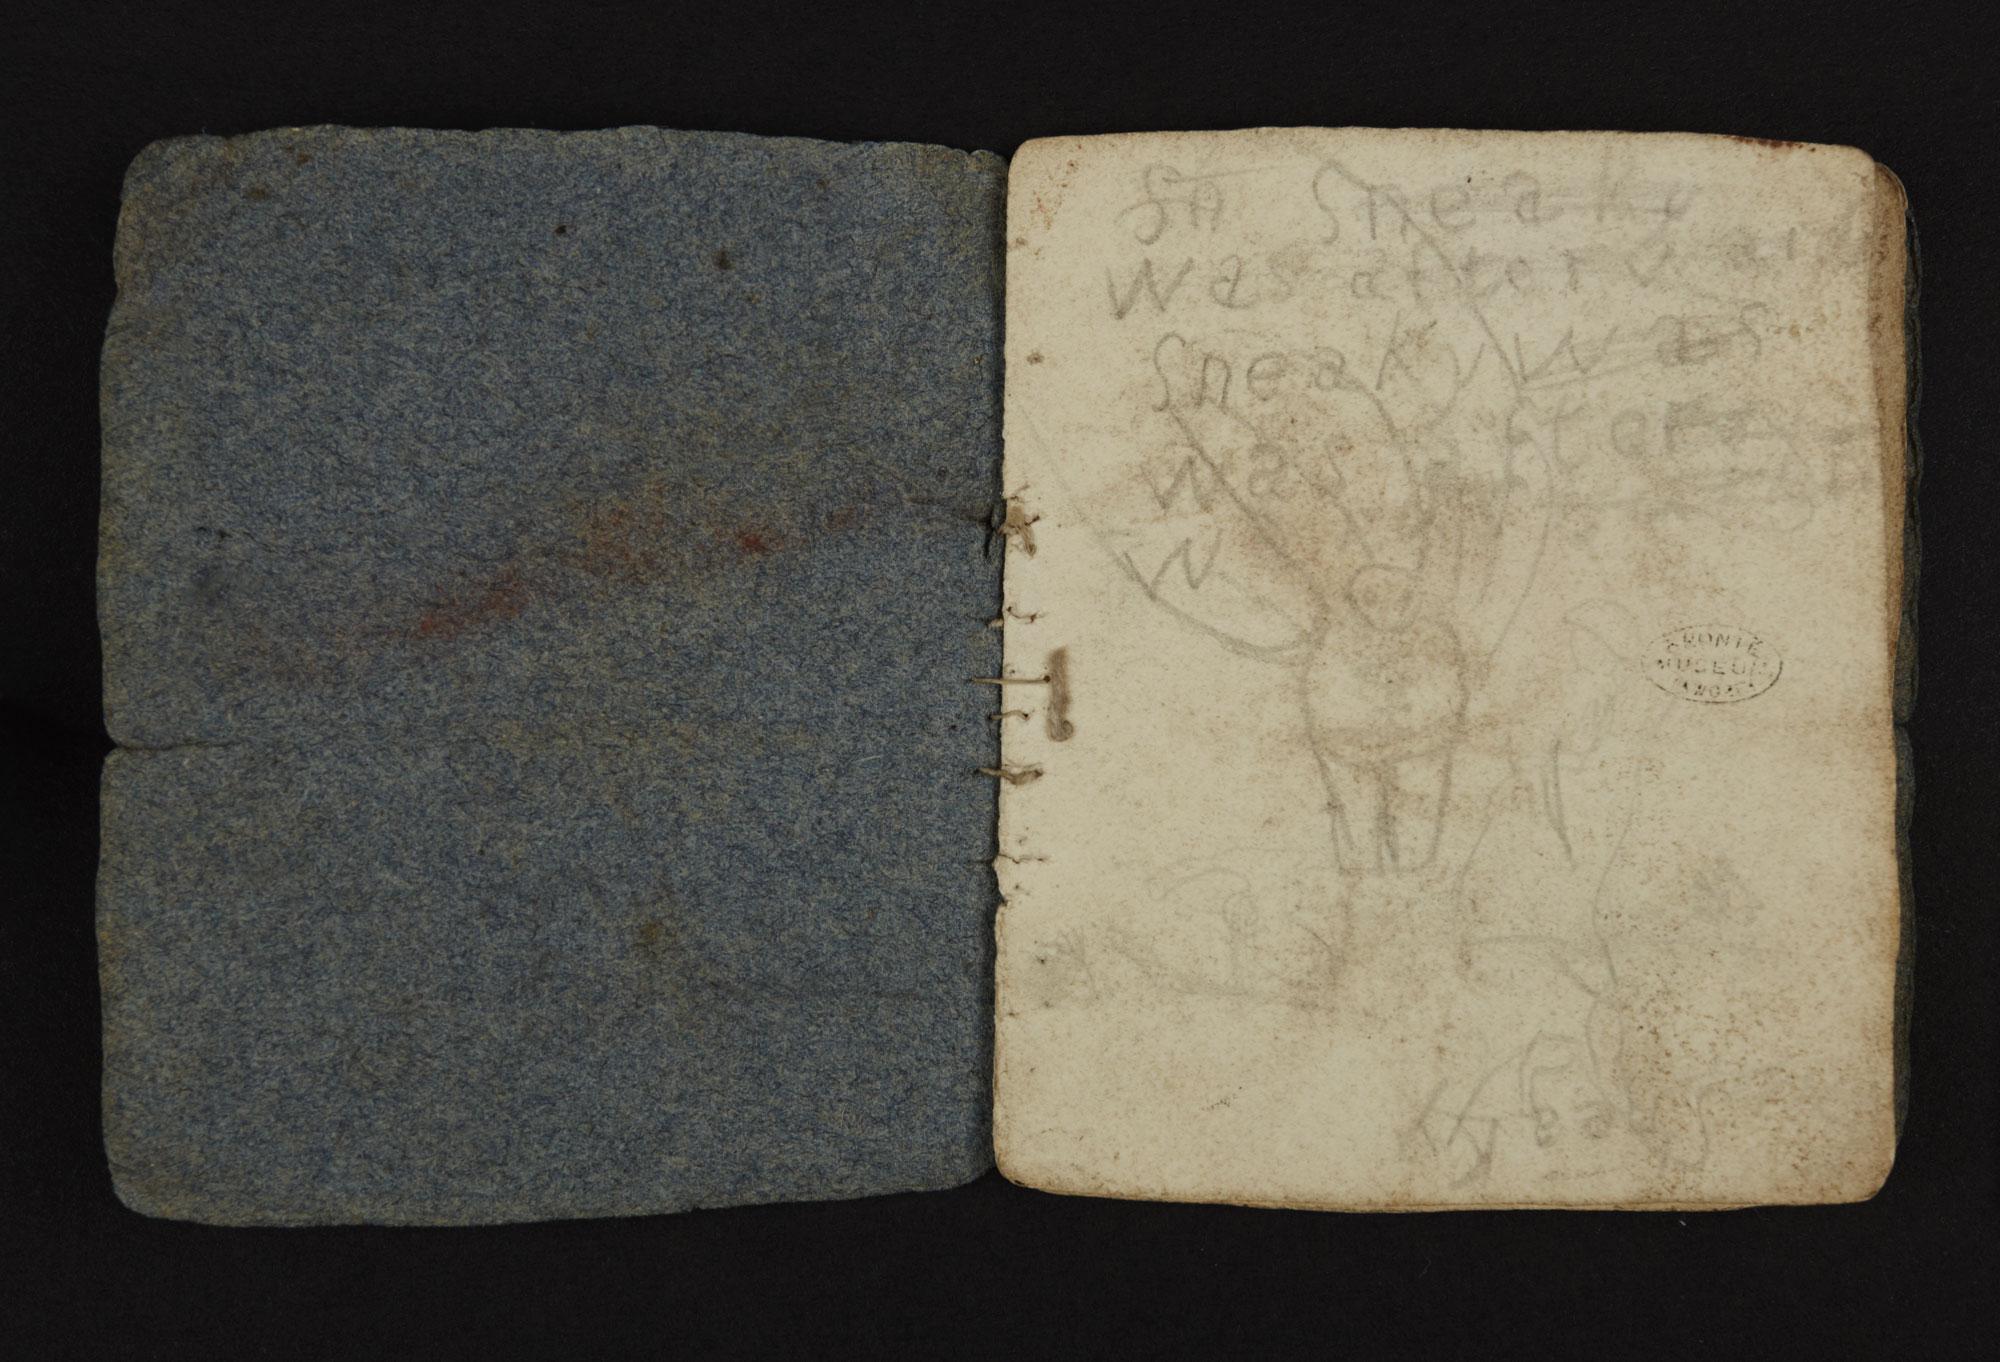 Bronte juvenilia: 'Battell Book' [folio: 0]